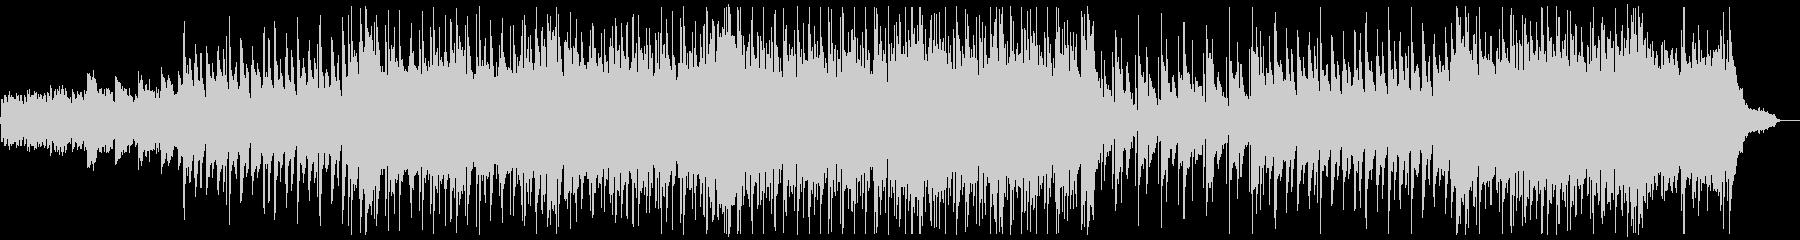 明るいフォークギターポップス:フルx1の未再生の波形